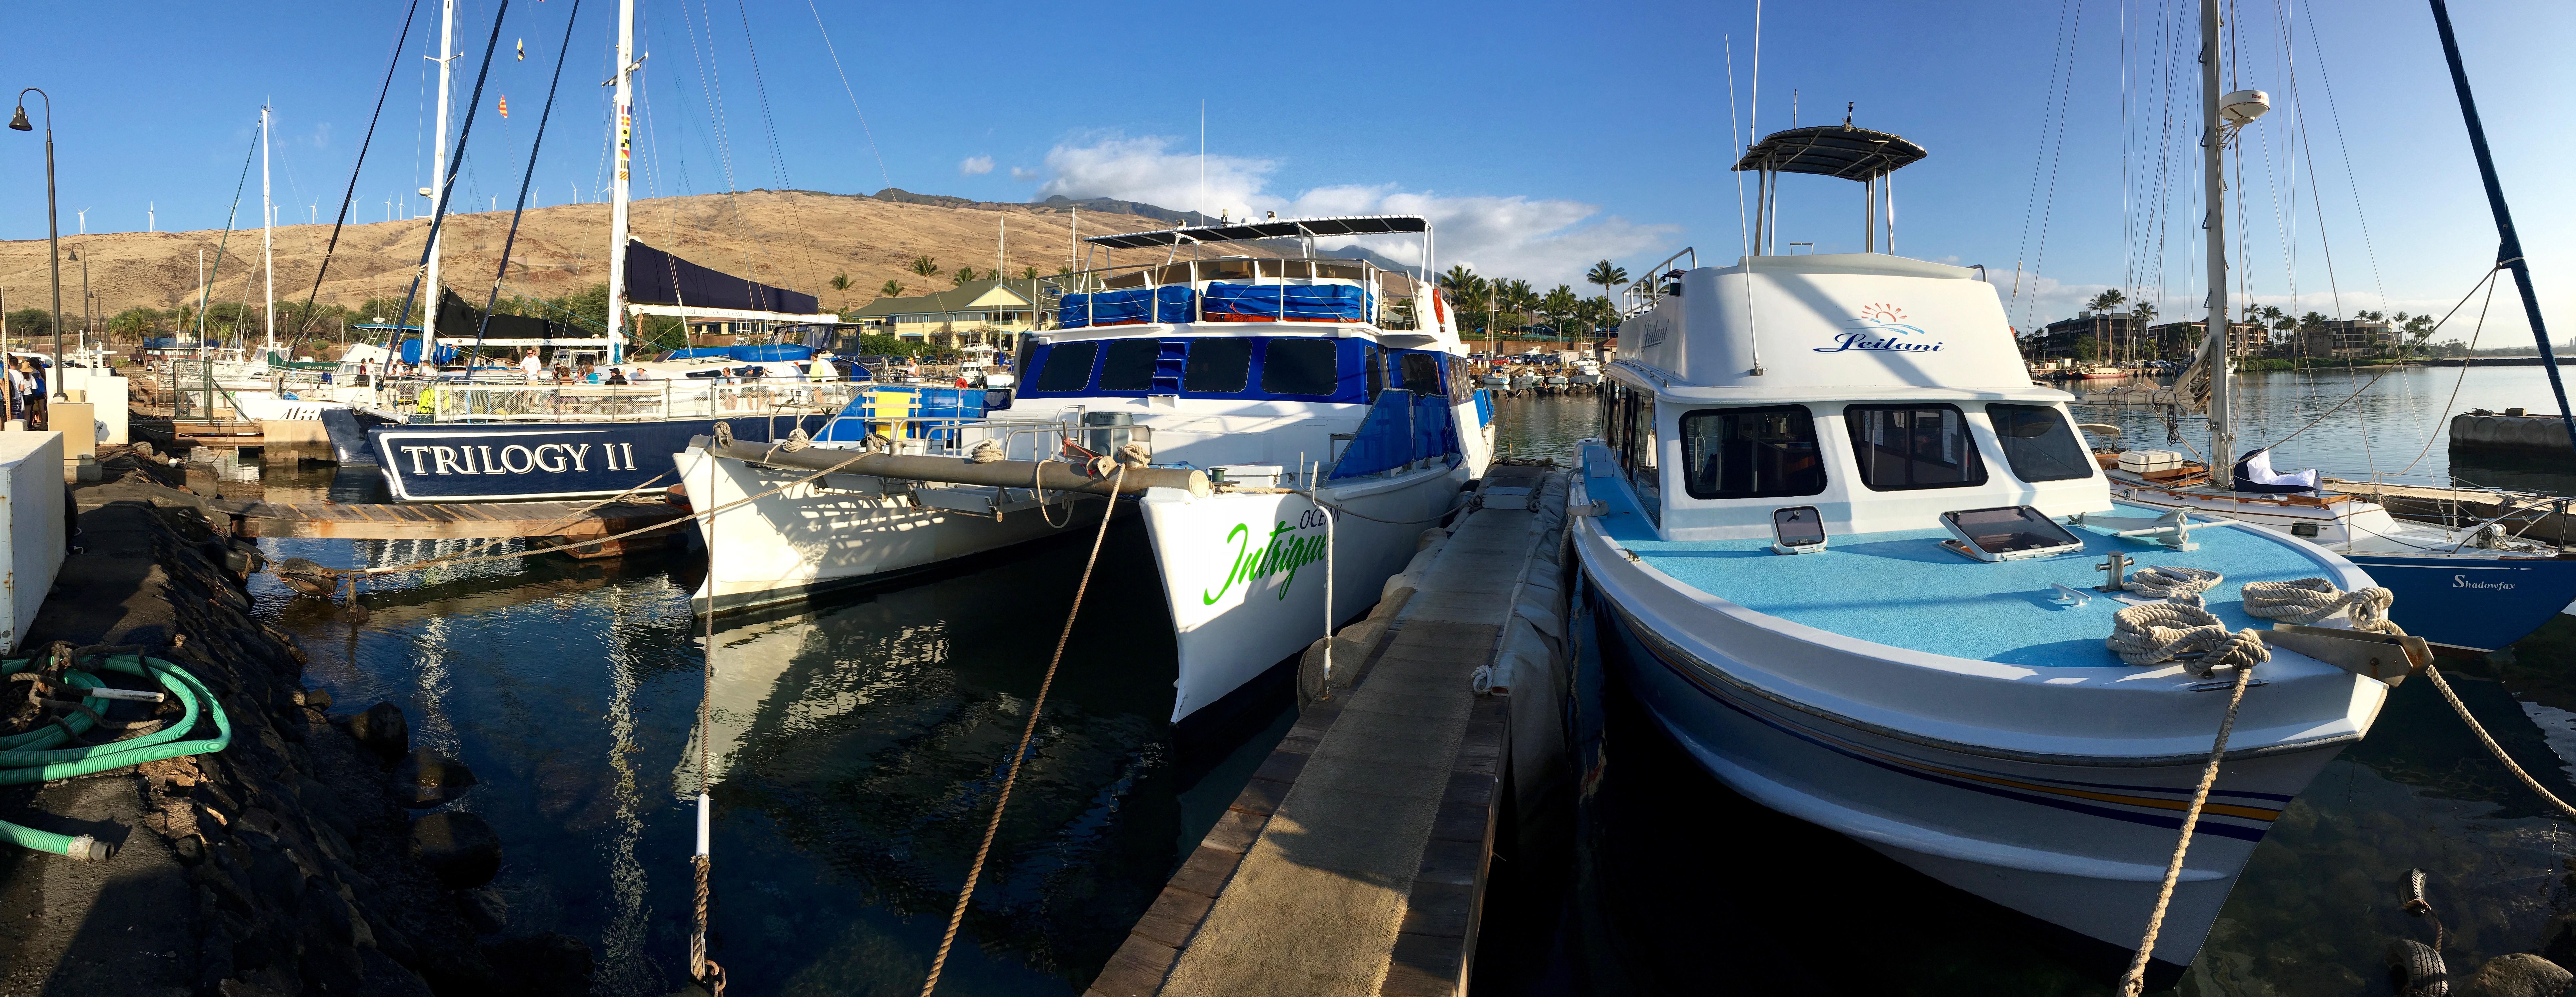 Ma'alea Harbor